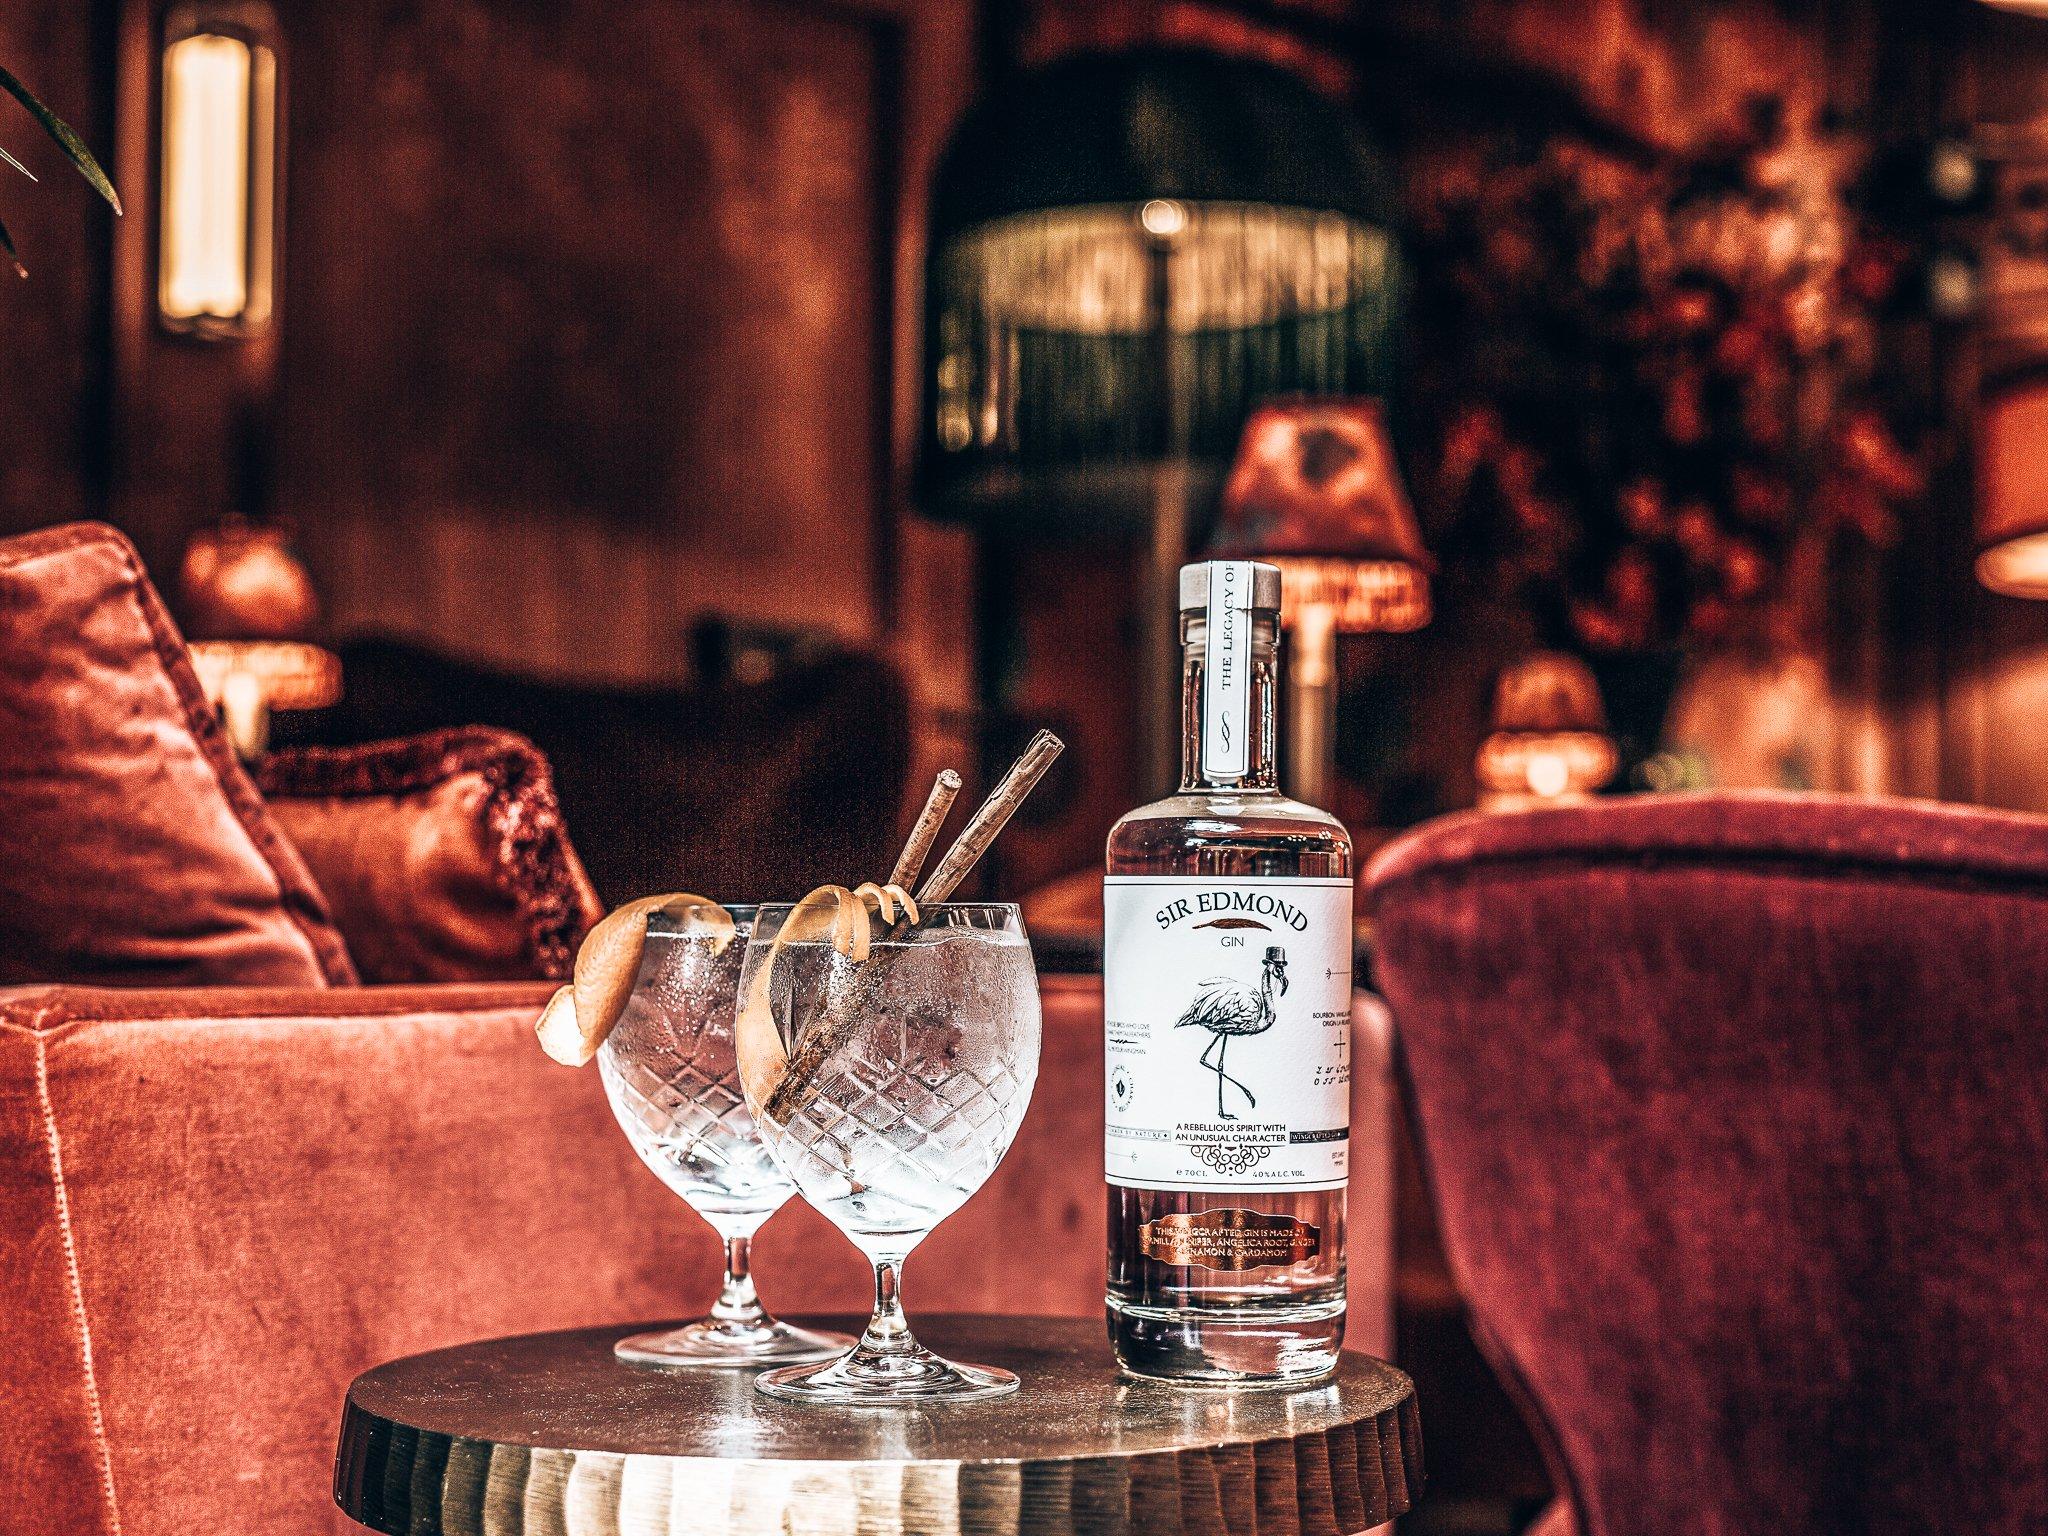 Sir Edmond Gin, één van de beste gins ter wereld, Alles over gin.